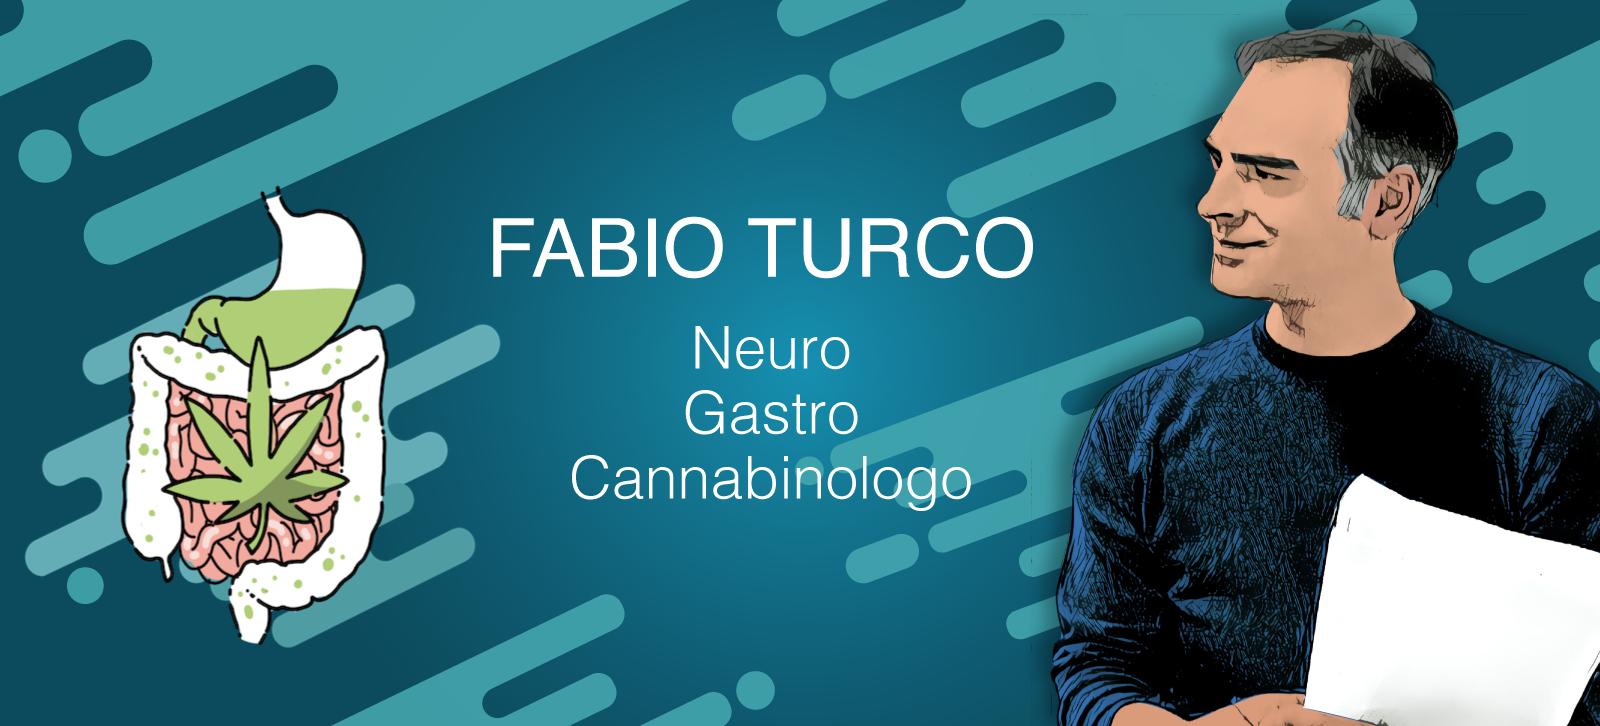 Cannabis e lavoro - il neurogastroenterologo - Fabio Turco - Cannabiscienza